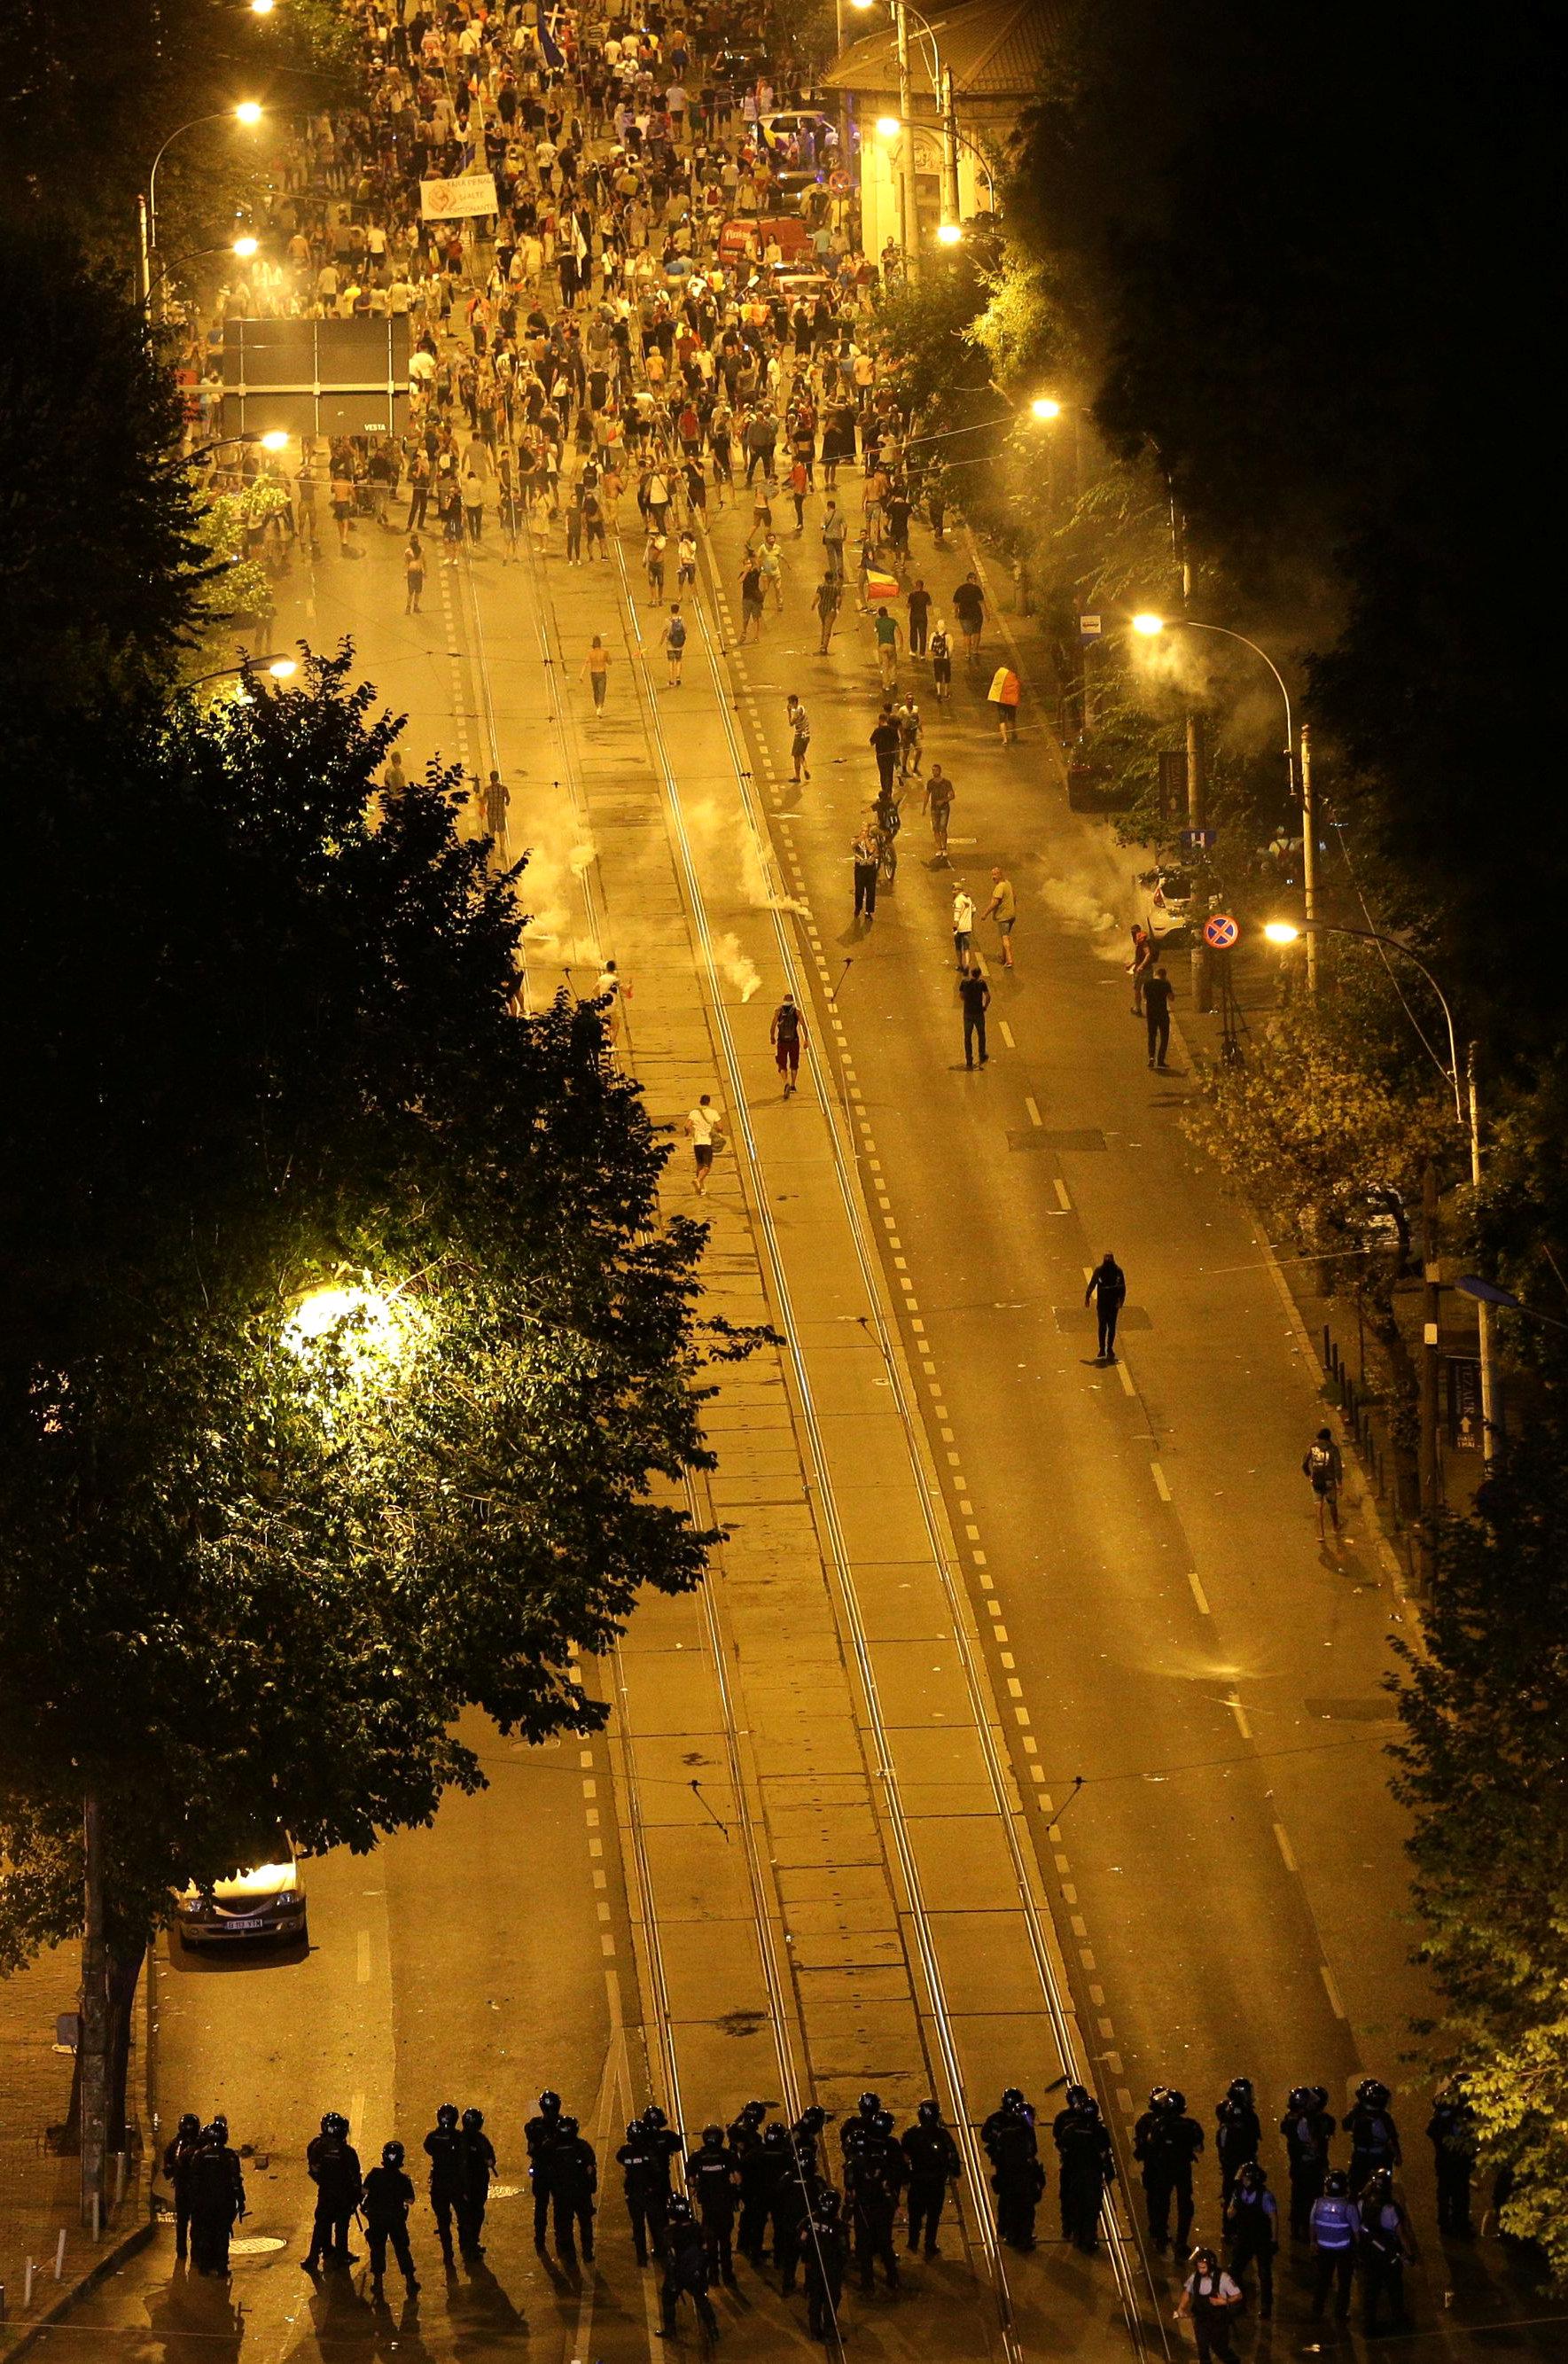 تفريق المحتجين فى رومانيا